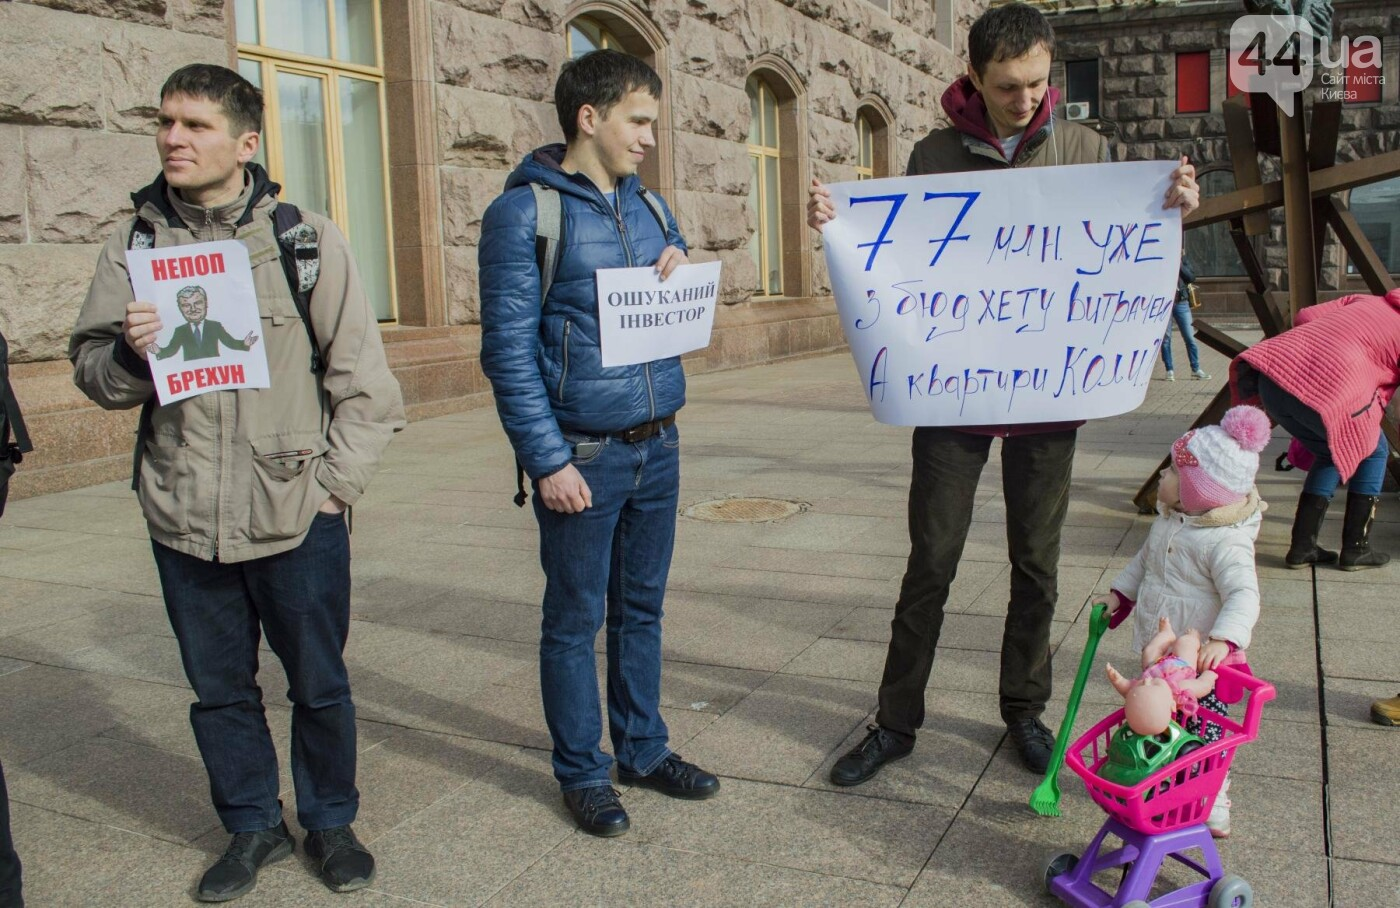 """""""Кличко, дострой ЖК"""": под мэрией обманутые инвесторы устроили митинг, фото-11"""